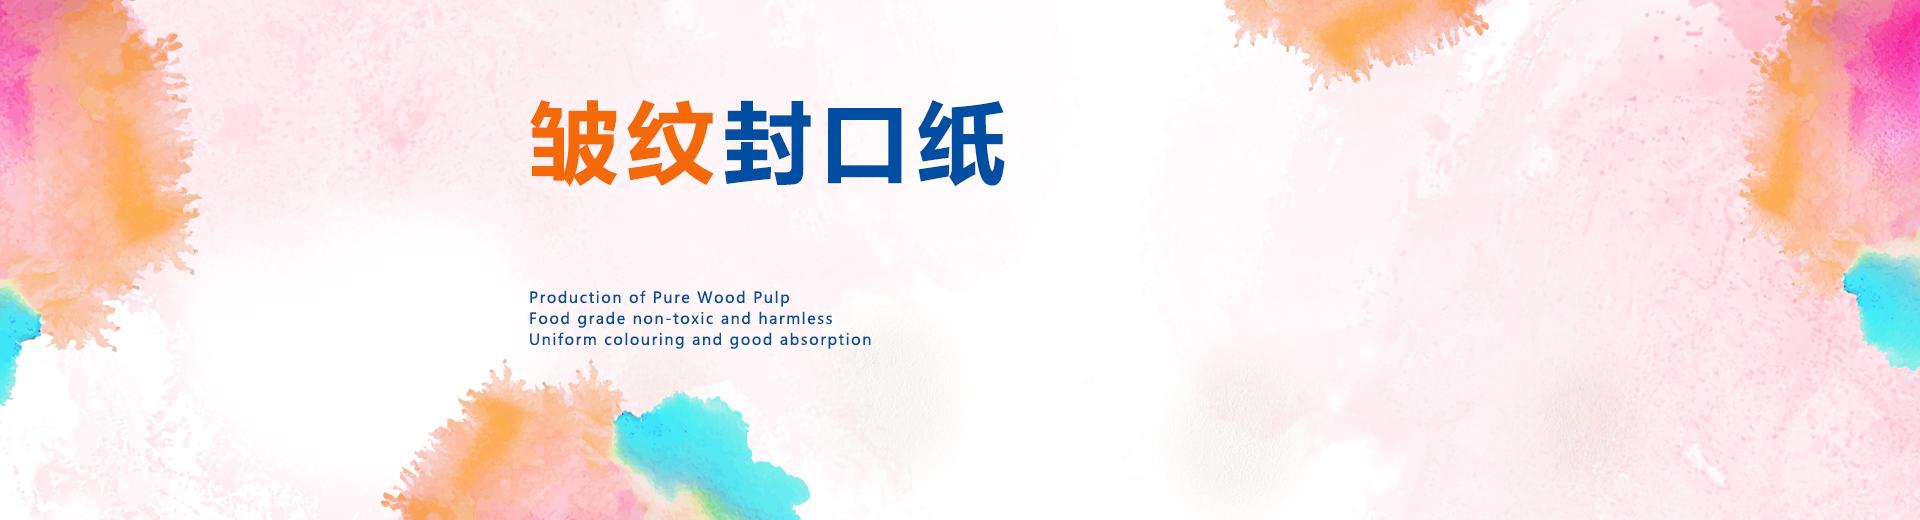 淄博雄风纸品有限公司